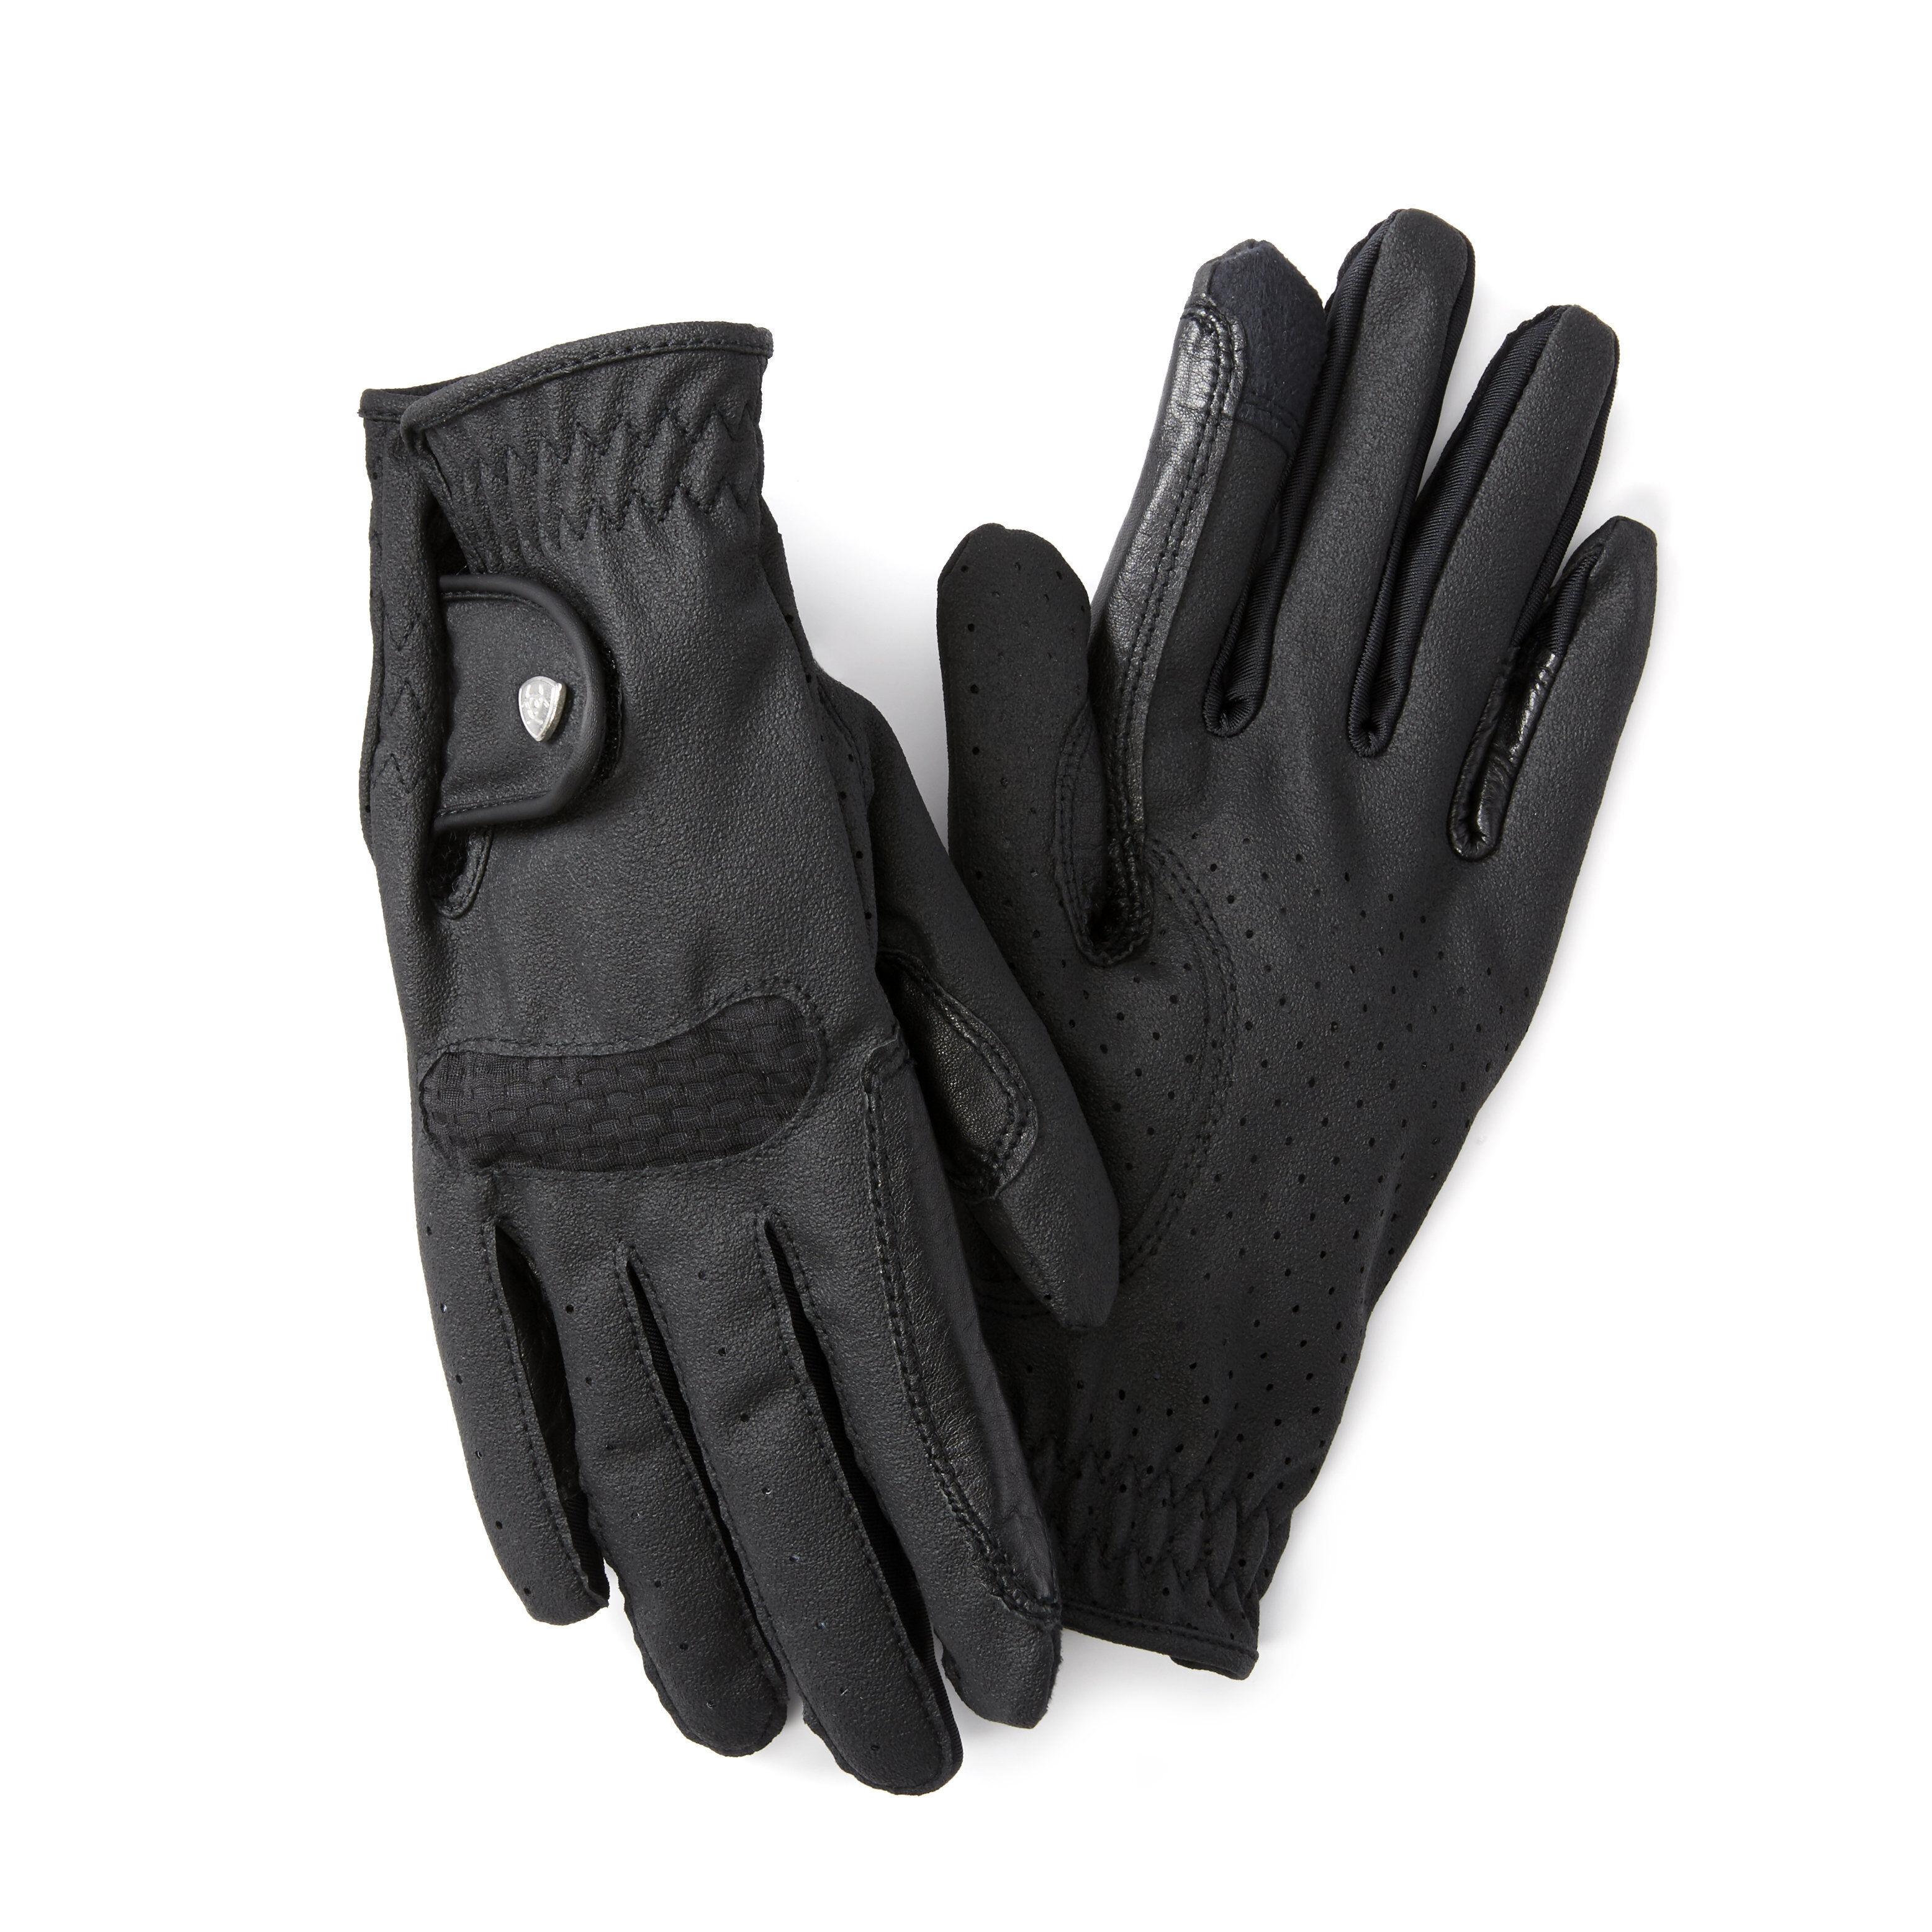 Ariat Archetype Grip Gloves in Black, Size 7.5 by Ariat